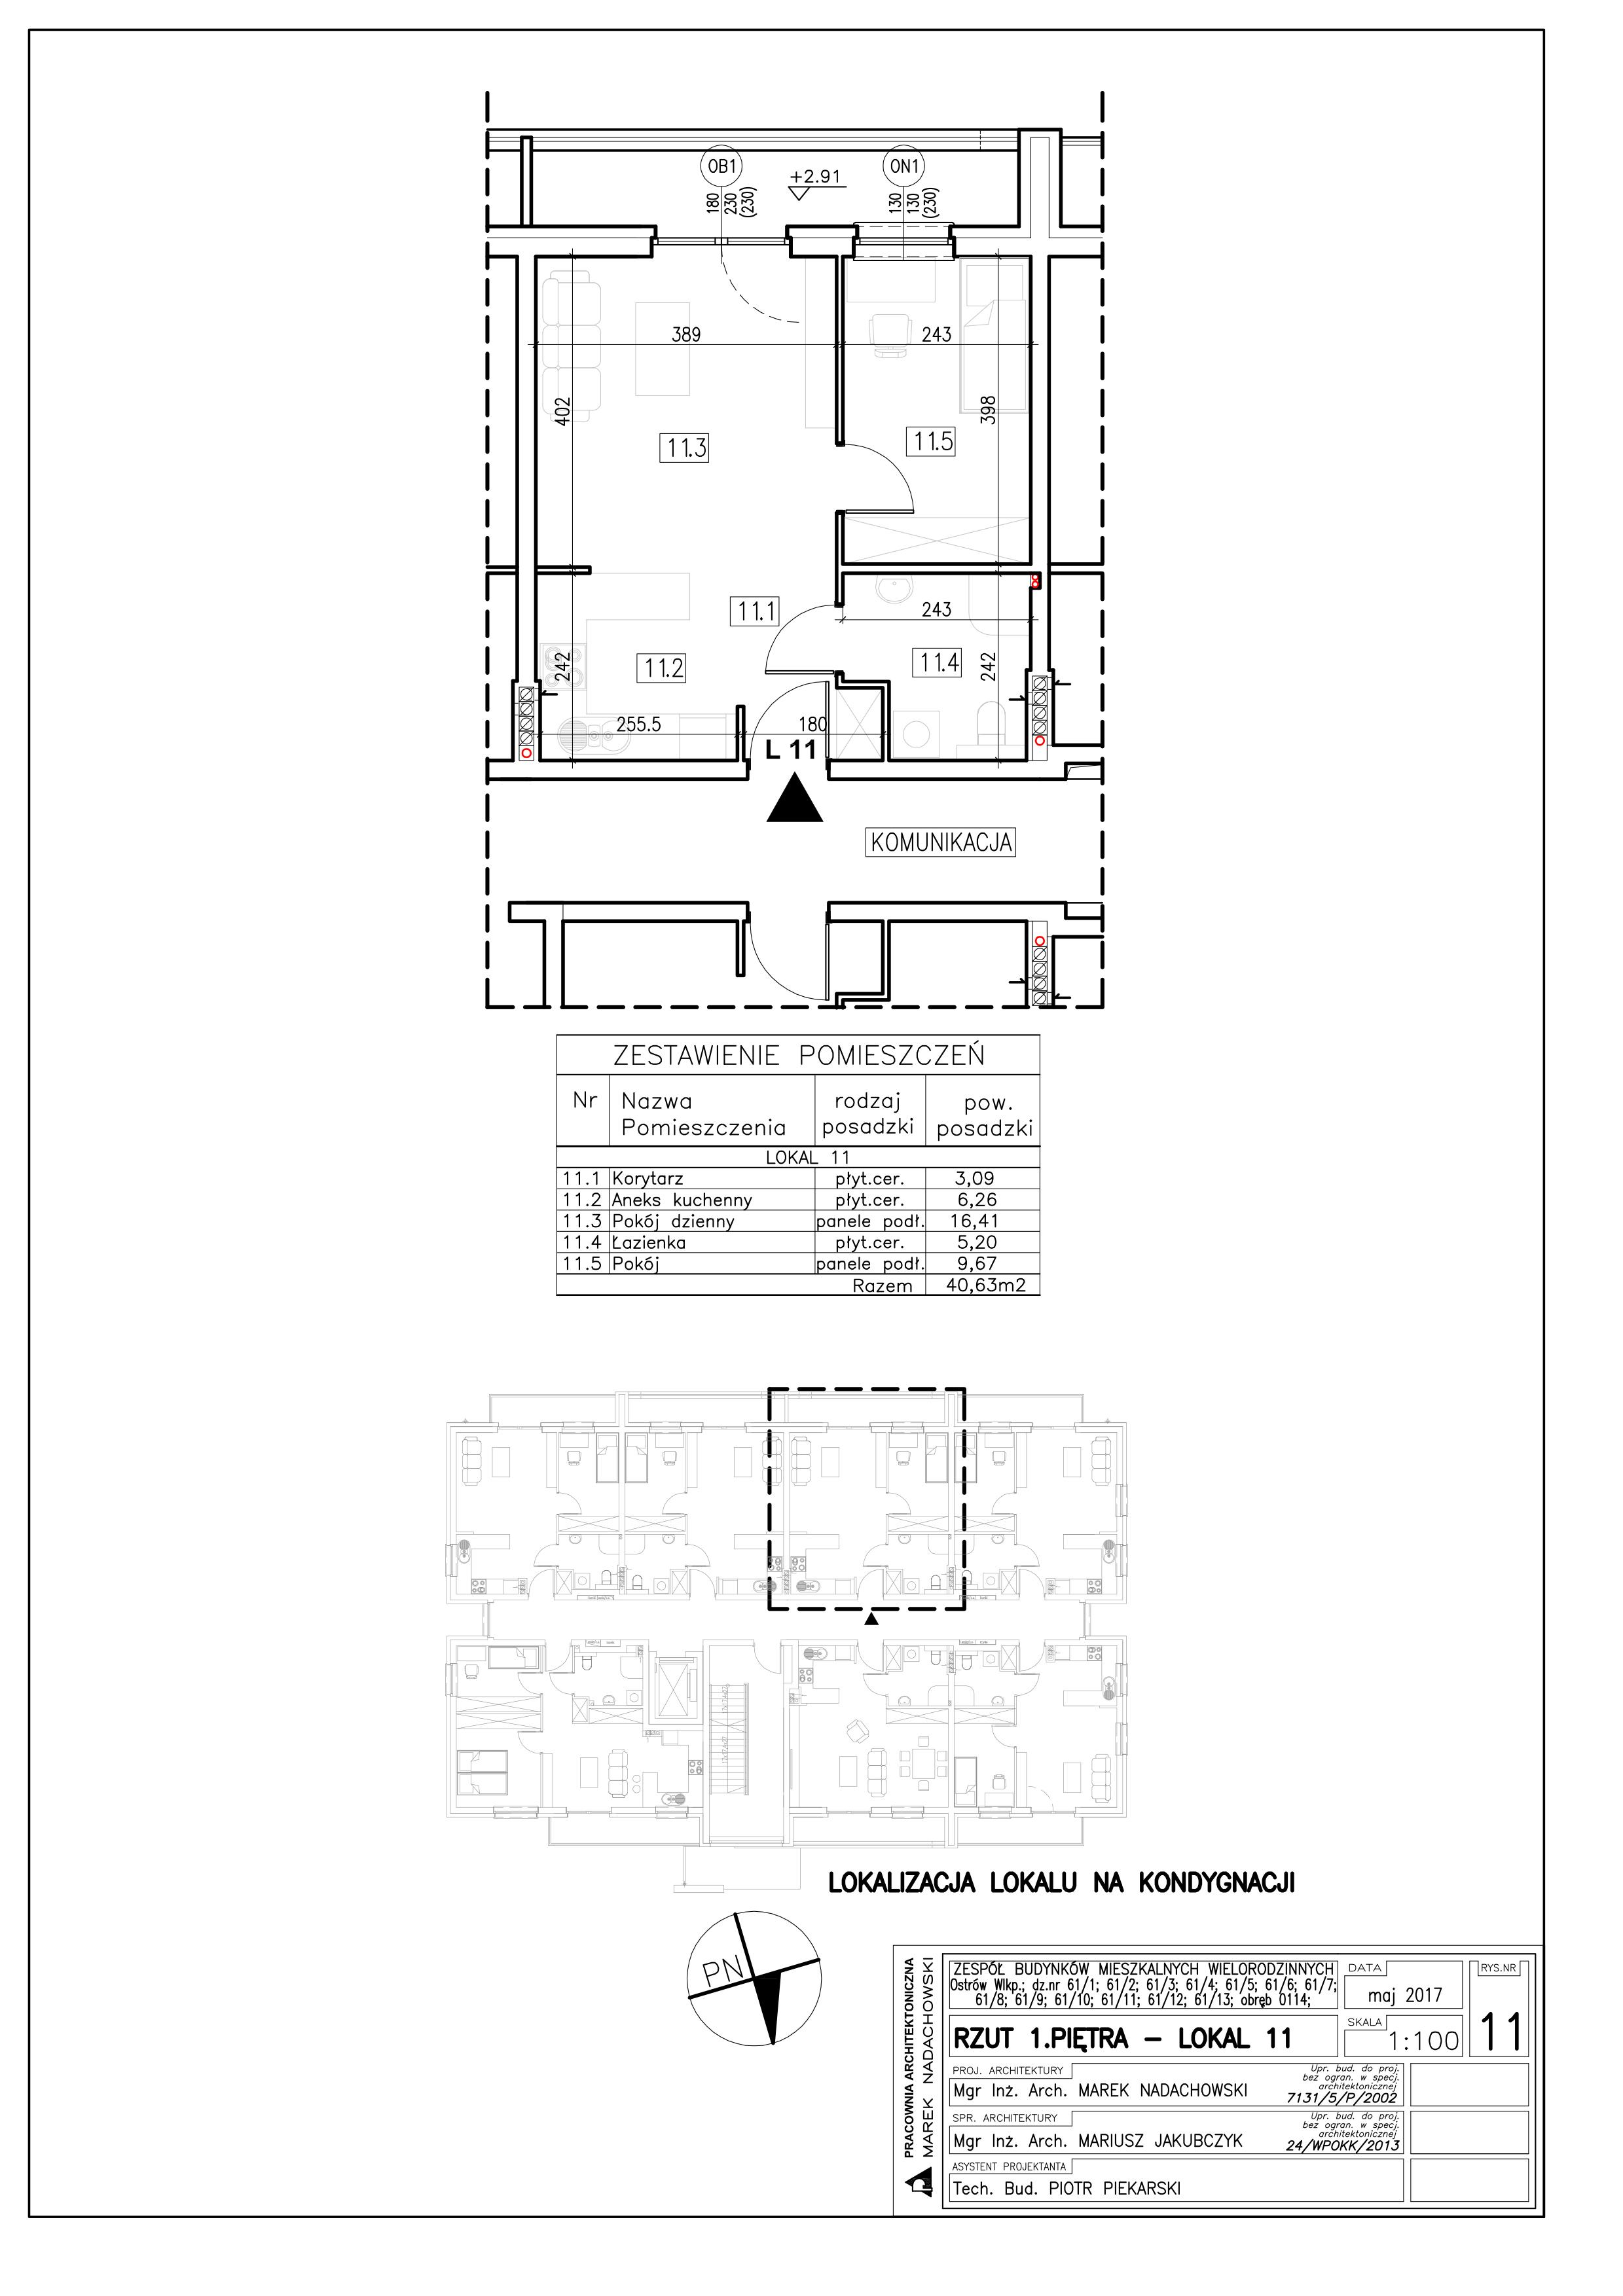 Lokal nr 11 Powierzchnia: 40,63 m2